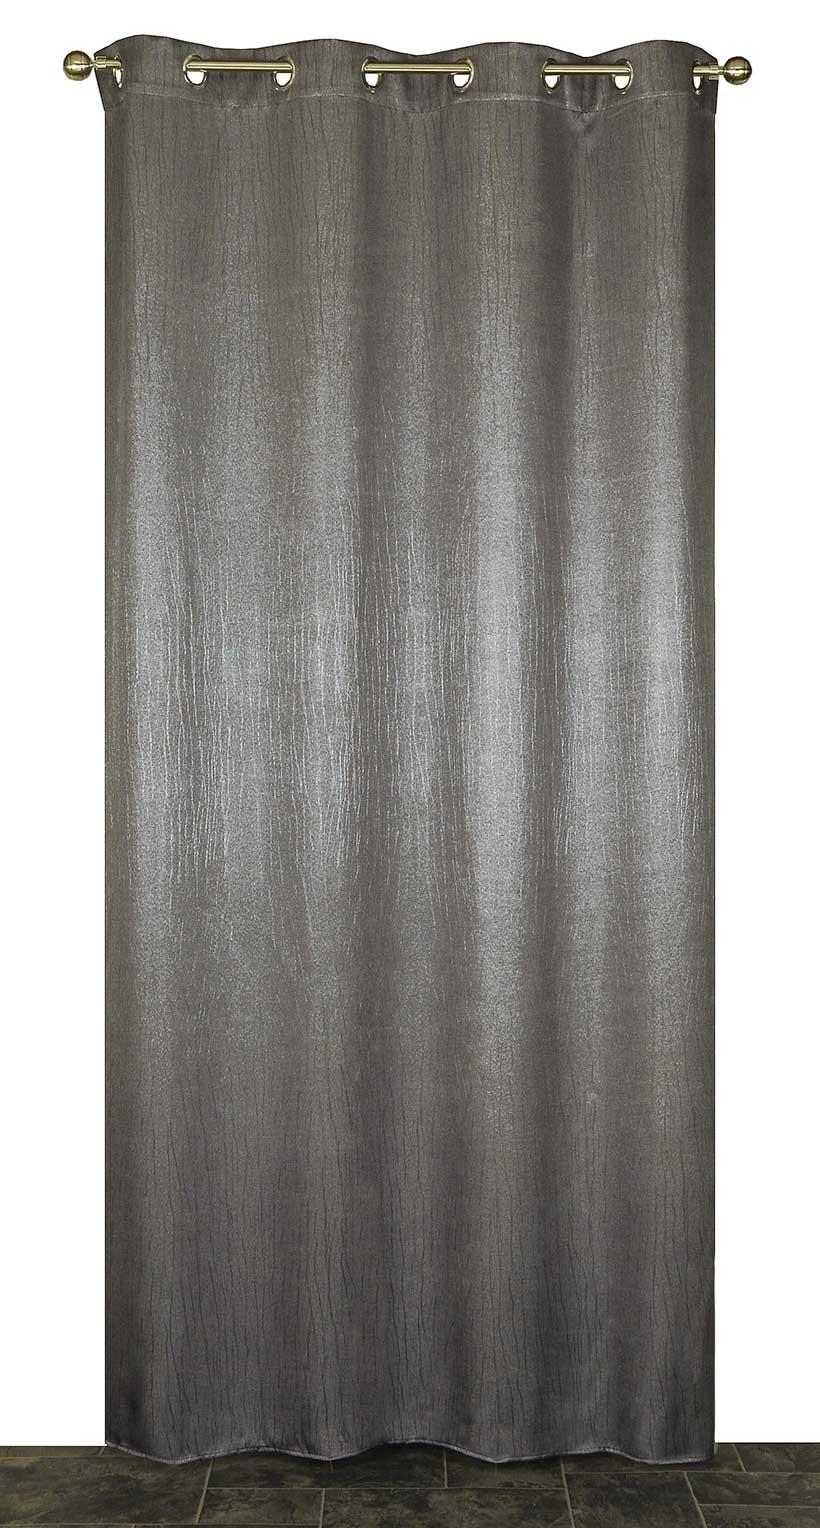 rideau occultant effet craquel gris taupe bronze homemaison vente en ligne tous les. Black Bedroom Furniture Sets. Home Design Ideas